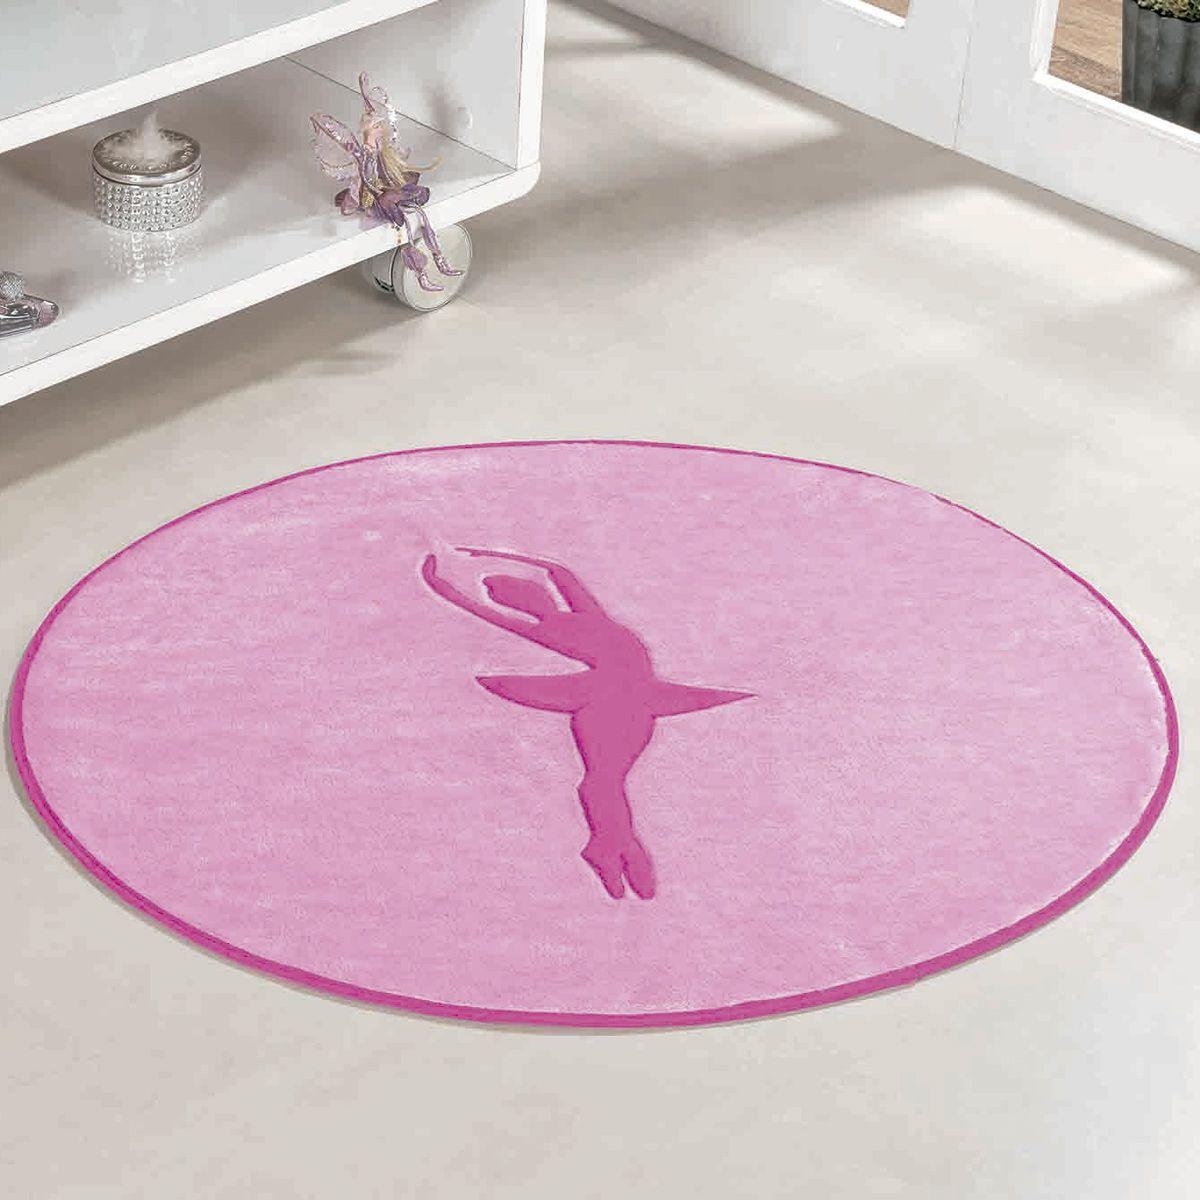 Tapete Infantil Premium Formato Bailarina Rosa 78cm x 68cm